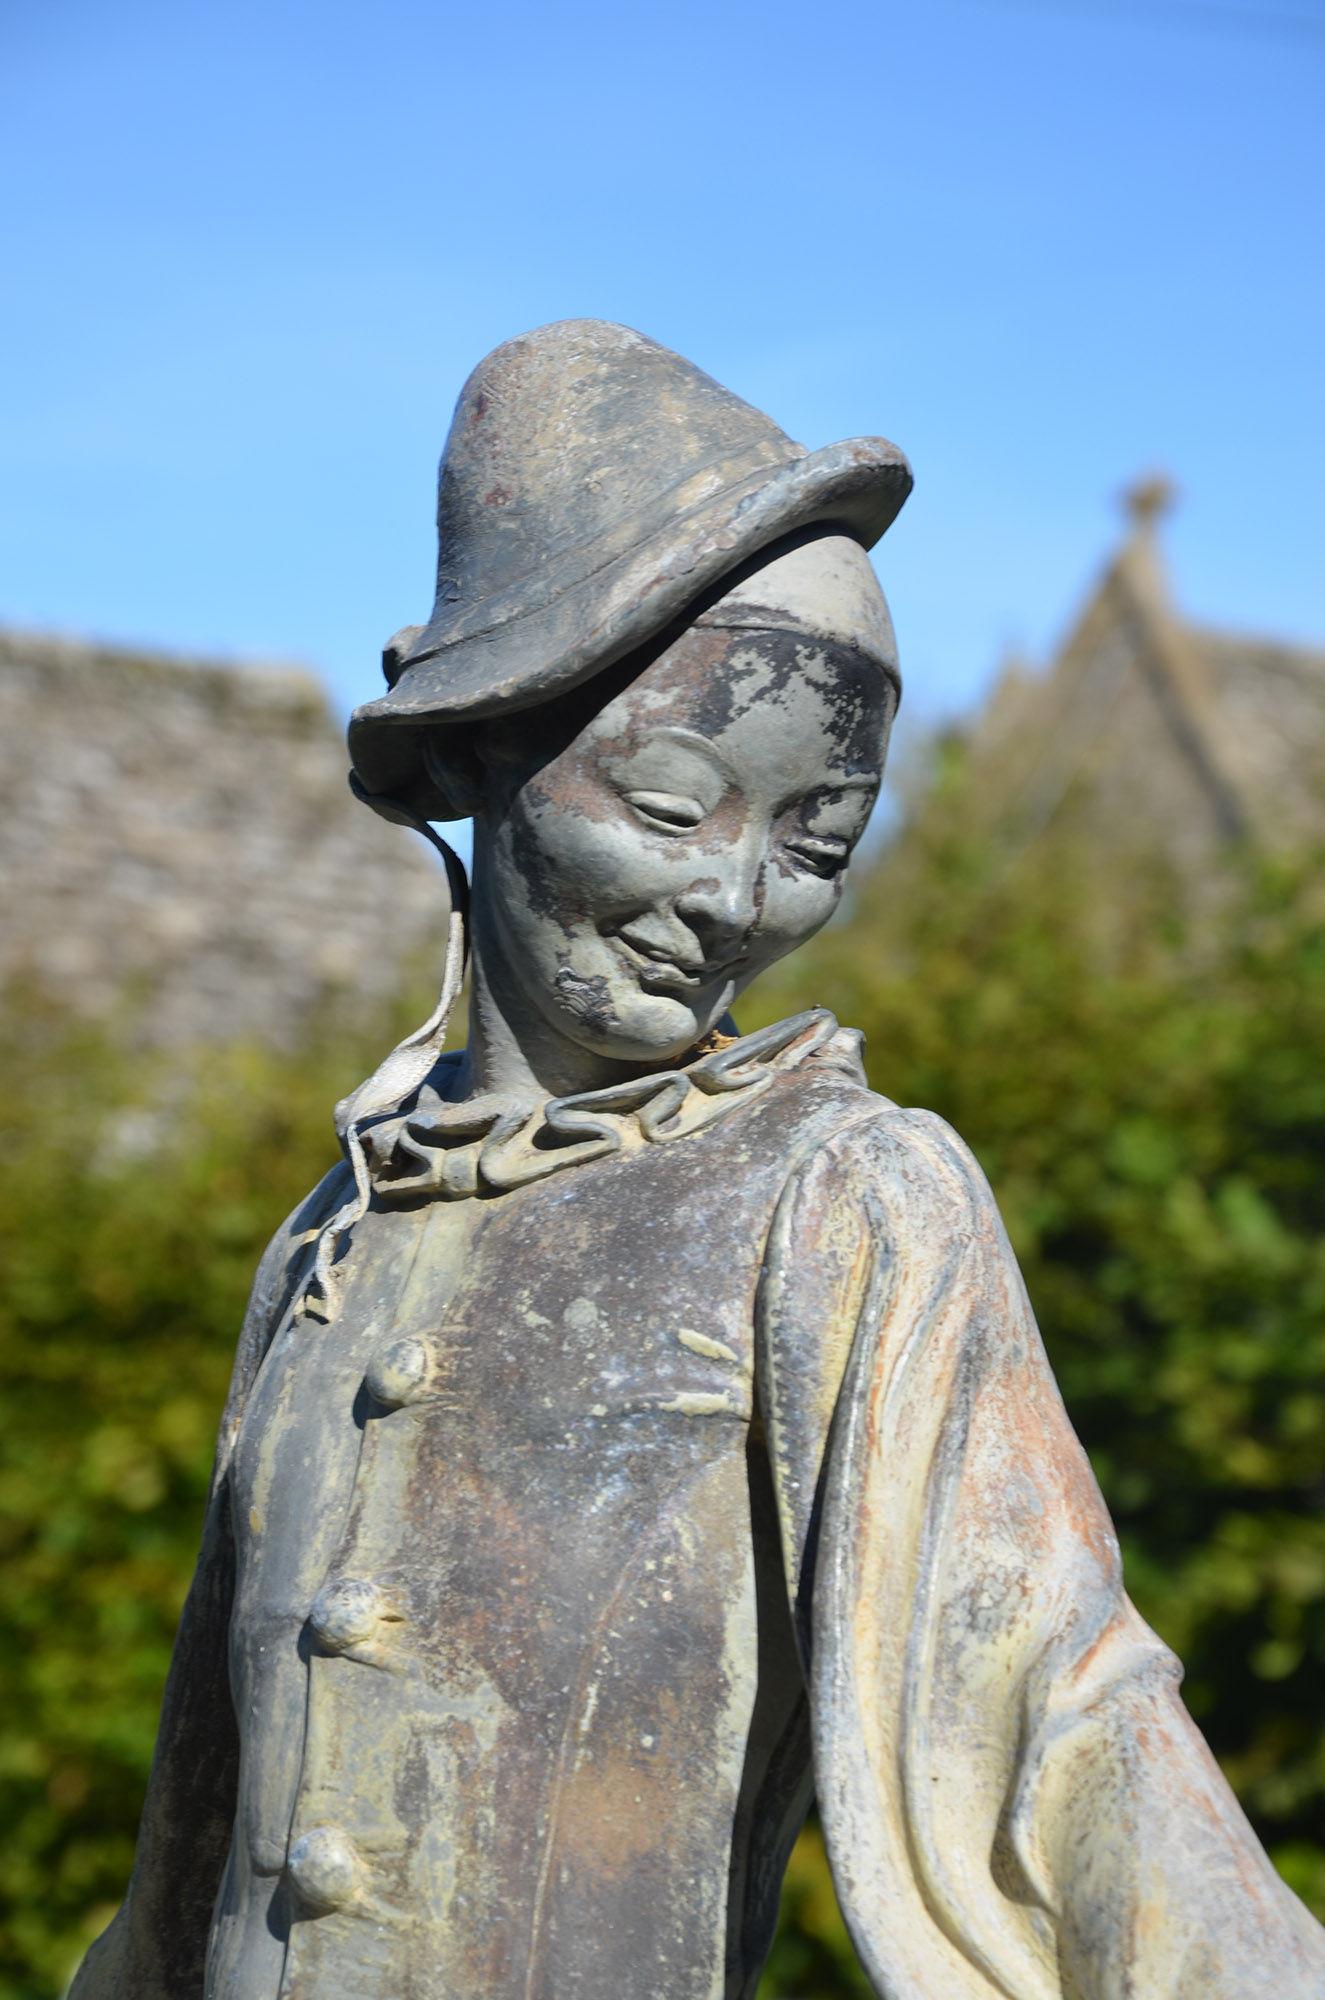 A lead figure of Pierrot by Gertrude Knoblock 1880 - 1964